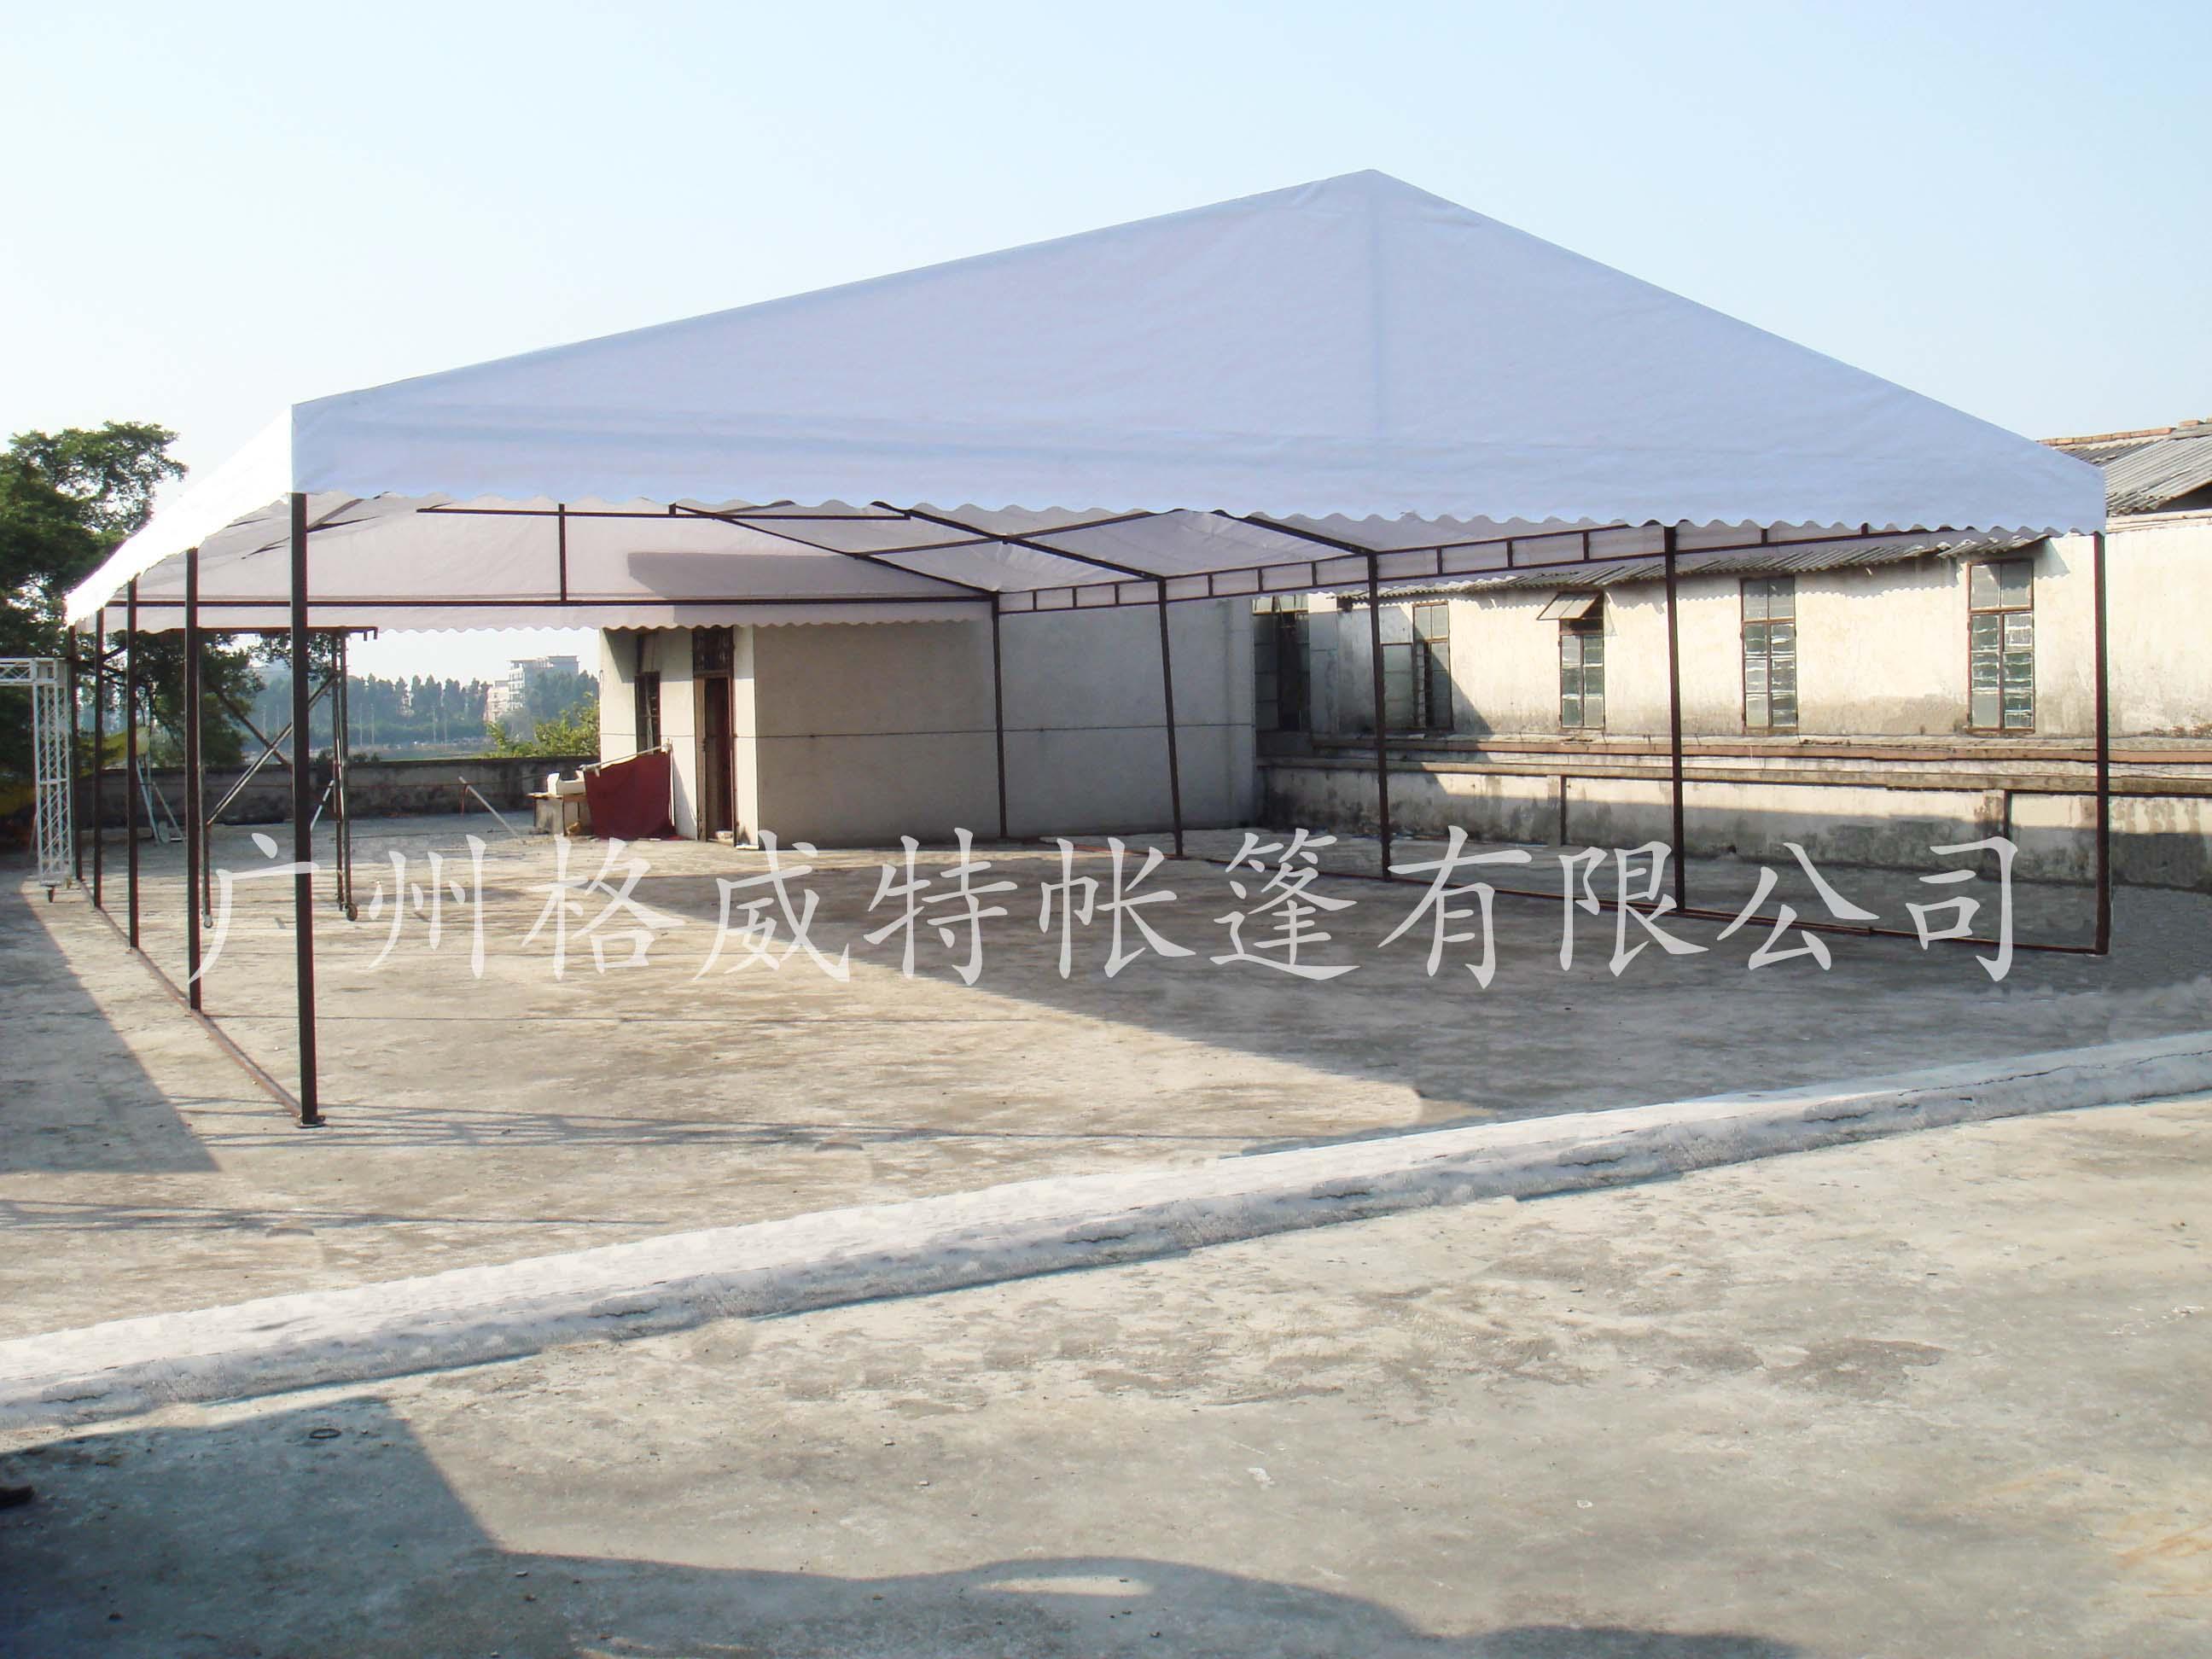 广州知名的广州拆装帐篷供应商|拆装帐篷厂家制作